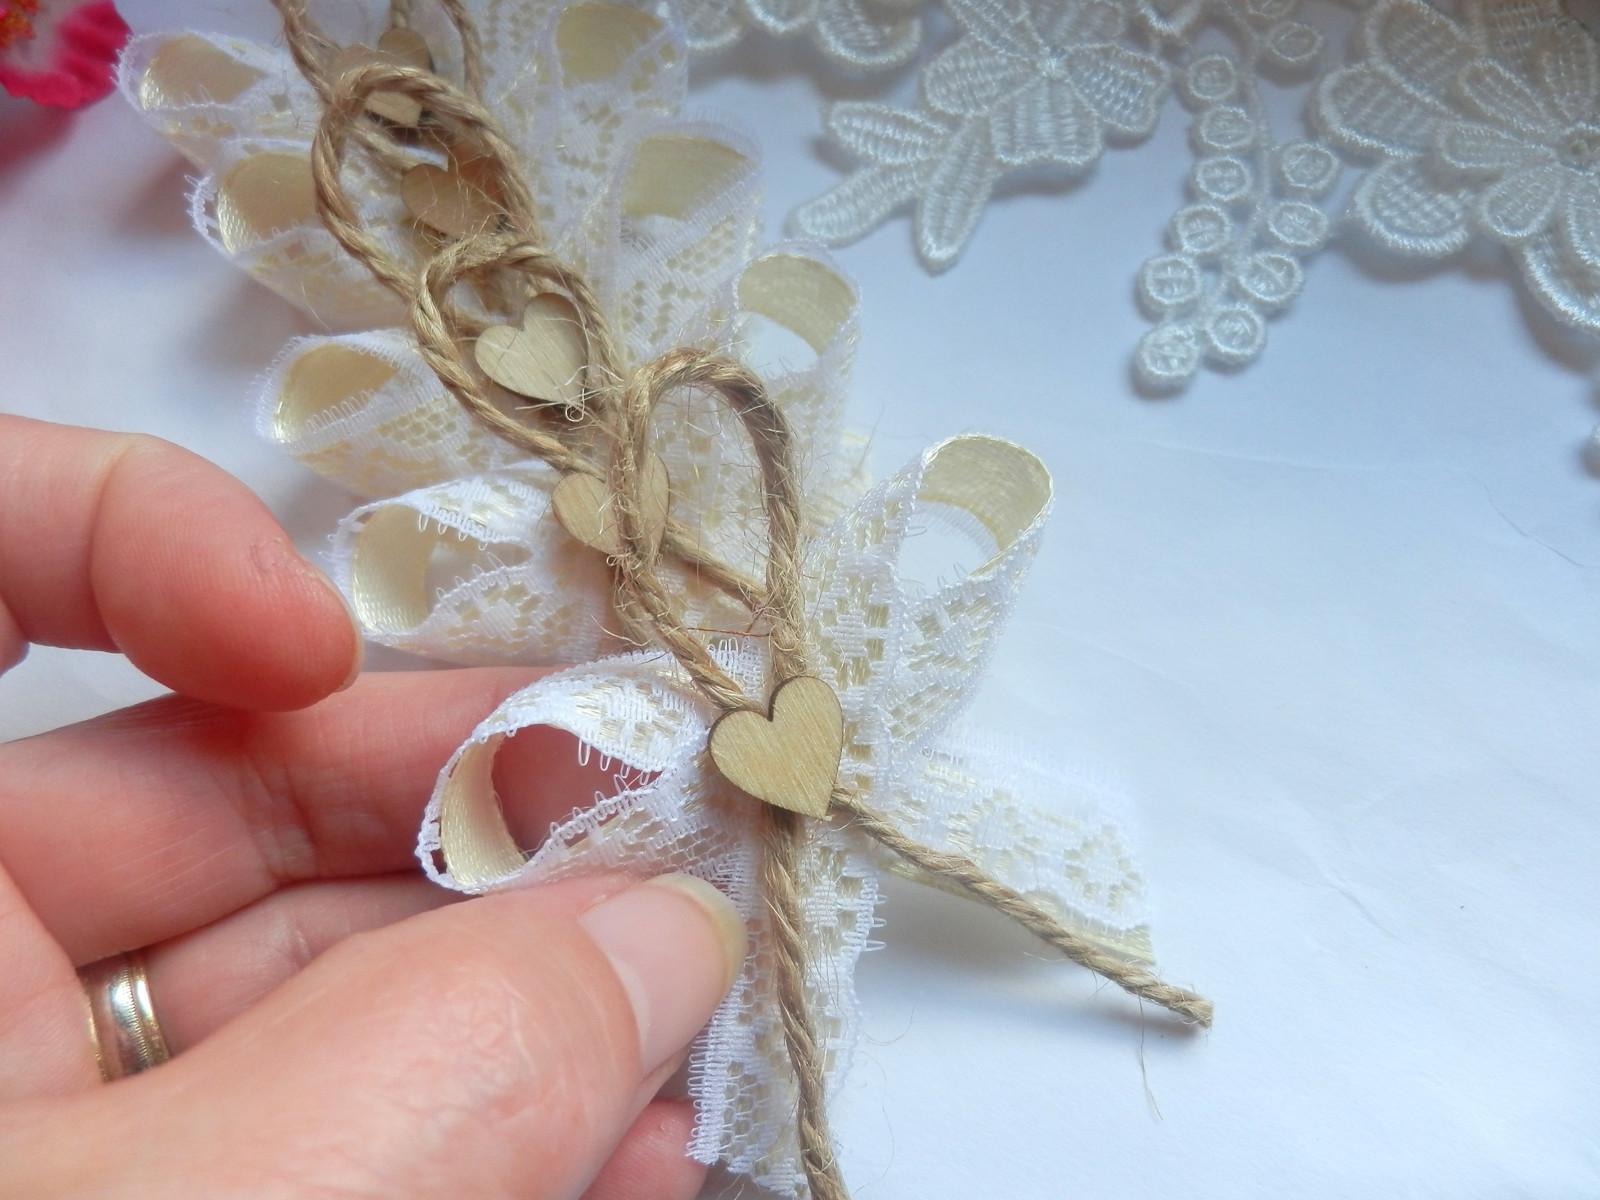 Svatební vývazky, podvazky, polštářky pod prstýnky, náramky.. - Obrázek č. 88